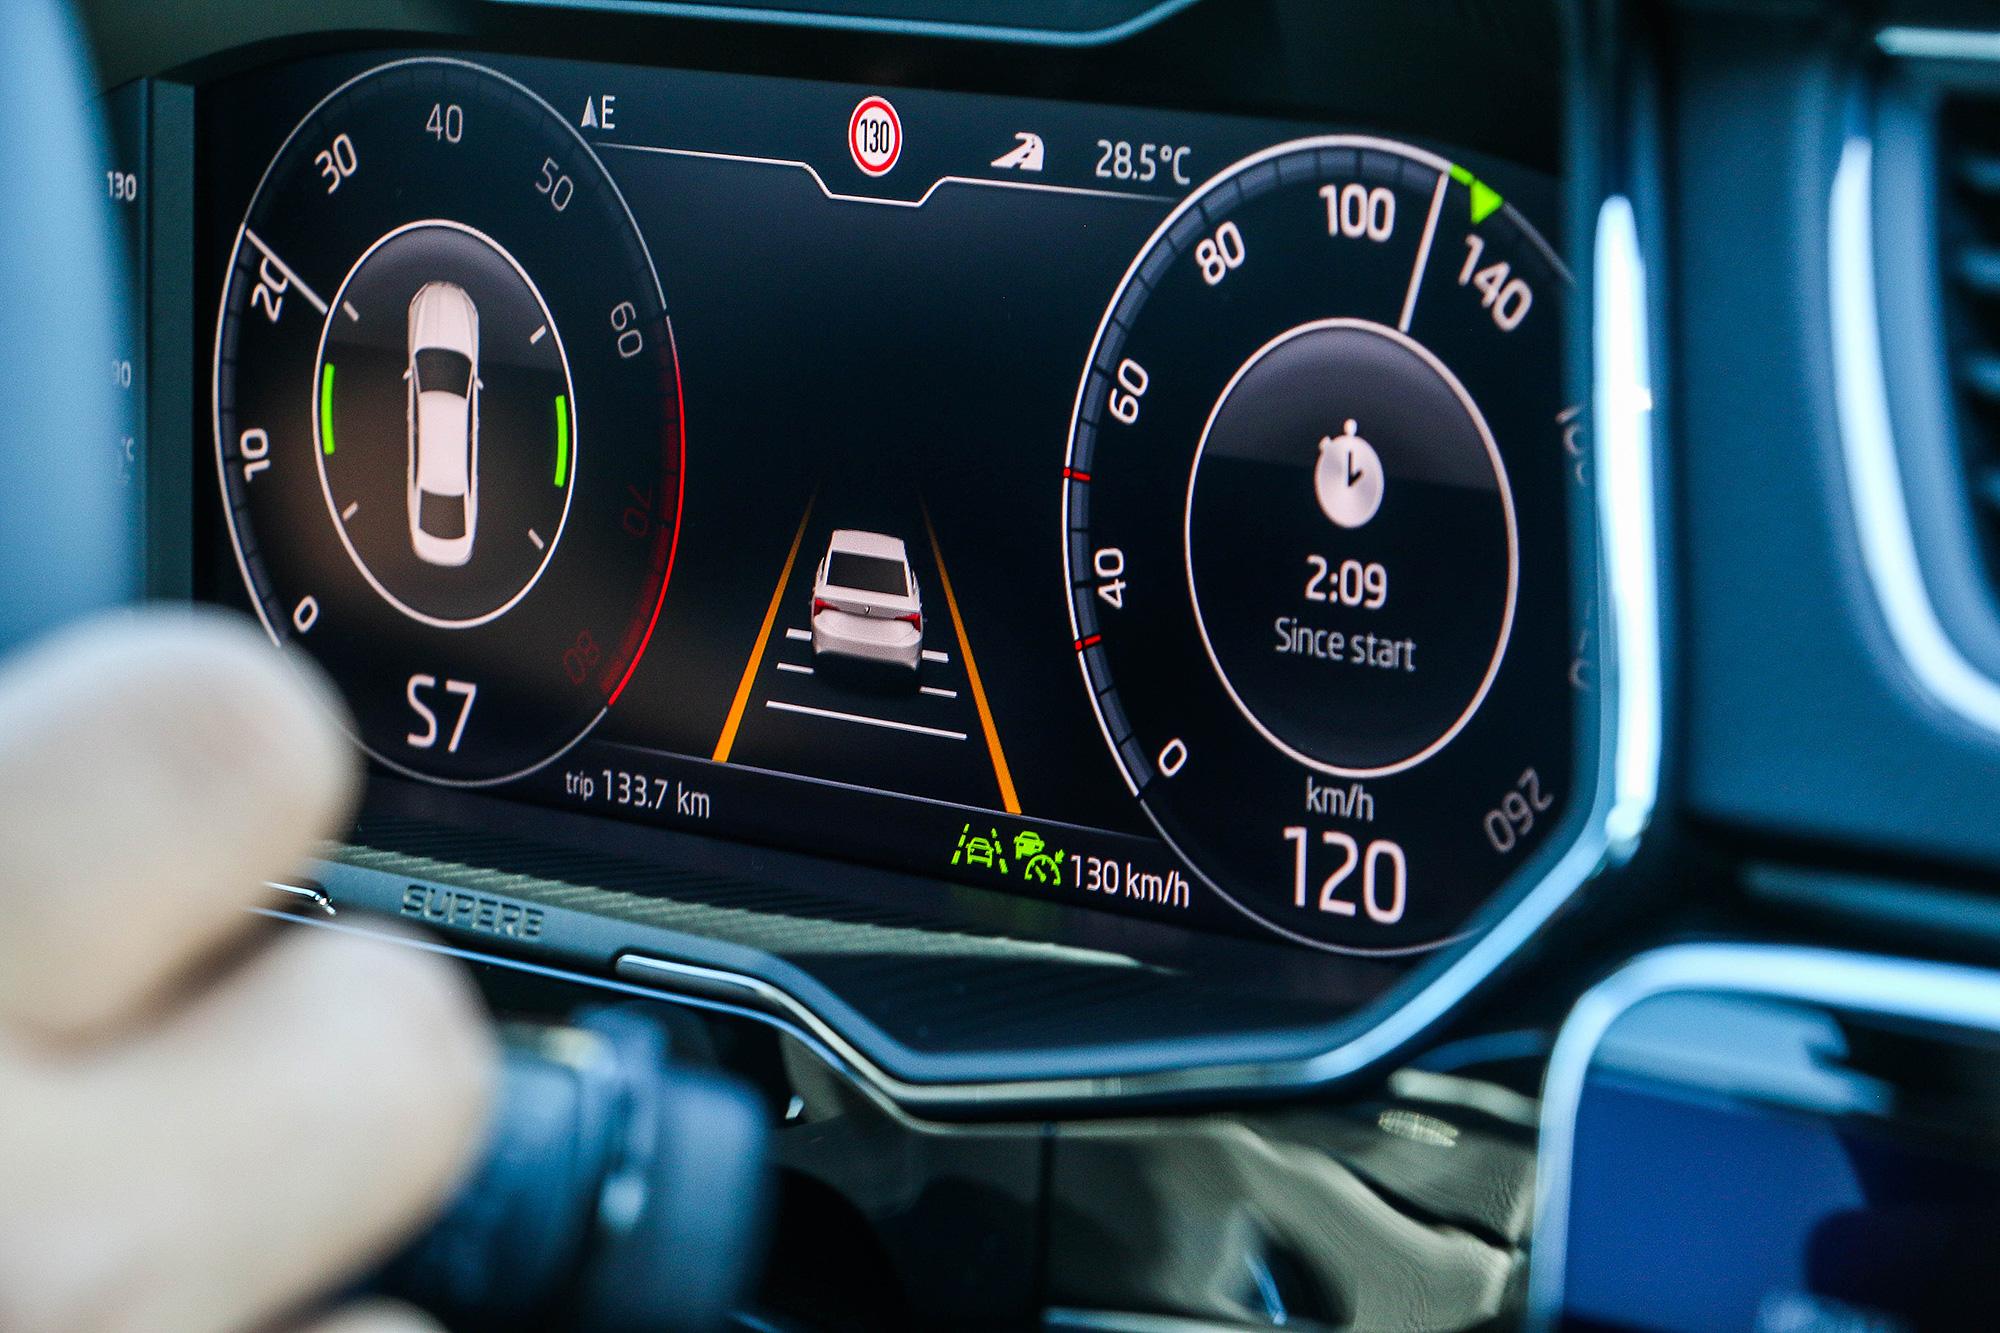 整合 Lane Assist 車道維持輔助系統與 ACC 主動車距控制巡航系統後,小改款 Superb 也具備有半自動駕駛輔助的能力。